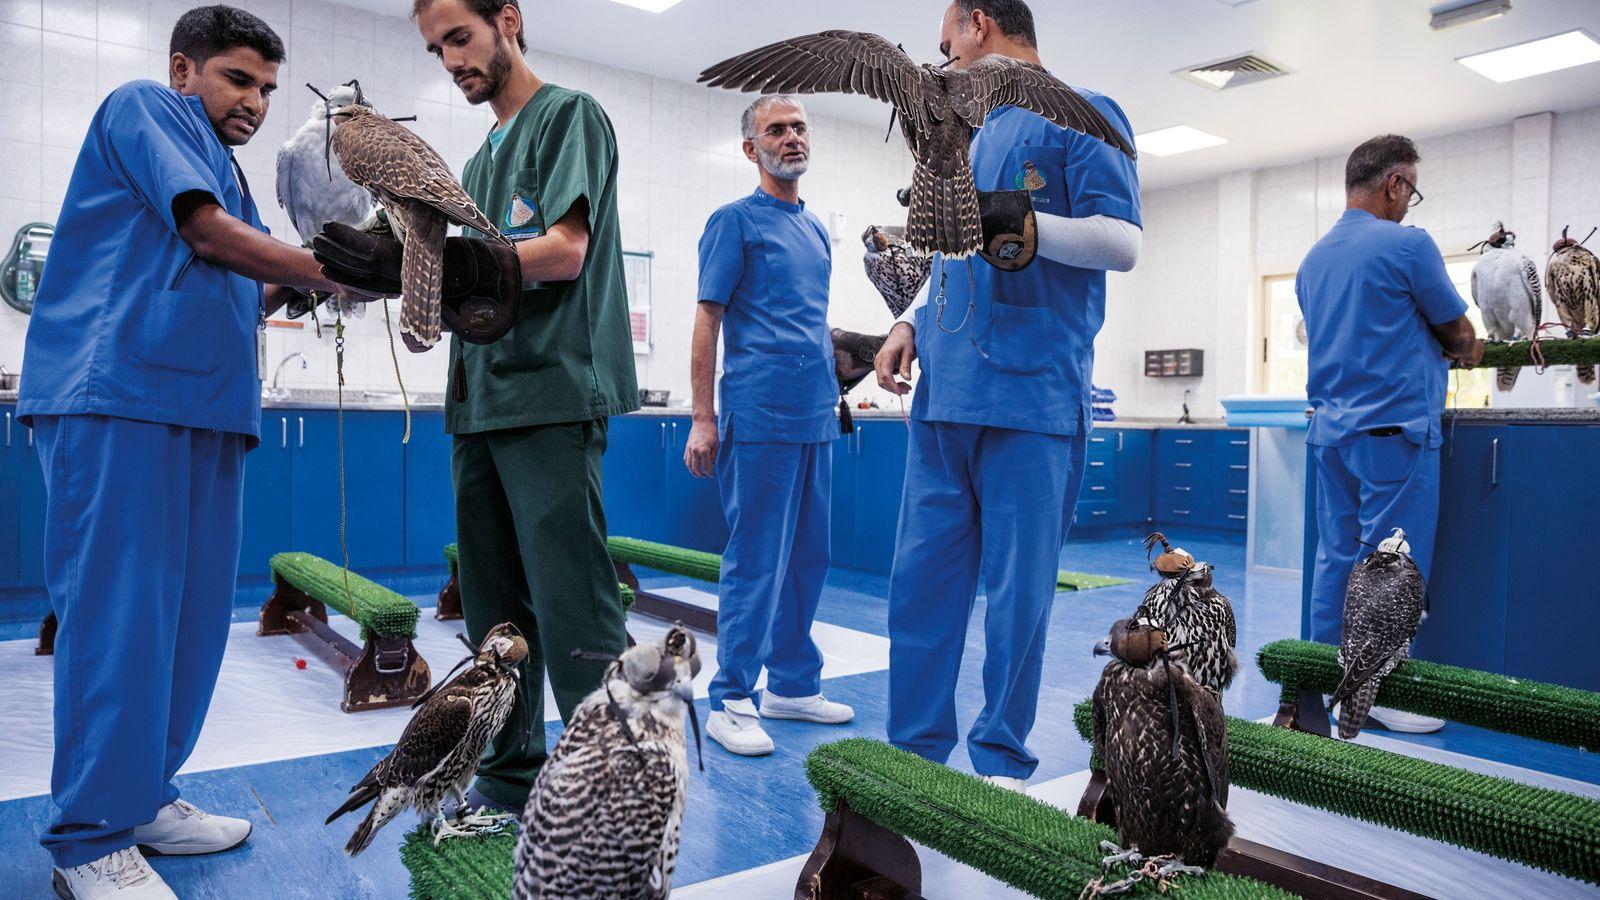 La clinique pour faucons d'Abu Dhabi soigne près de 11 000 oiseaux par an, ce qui ...